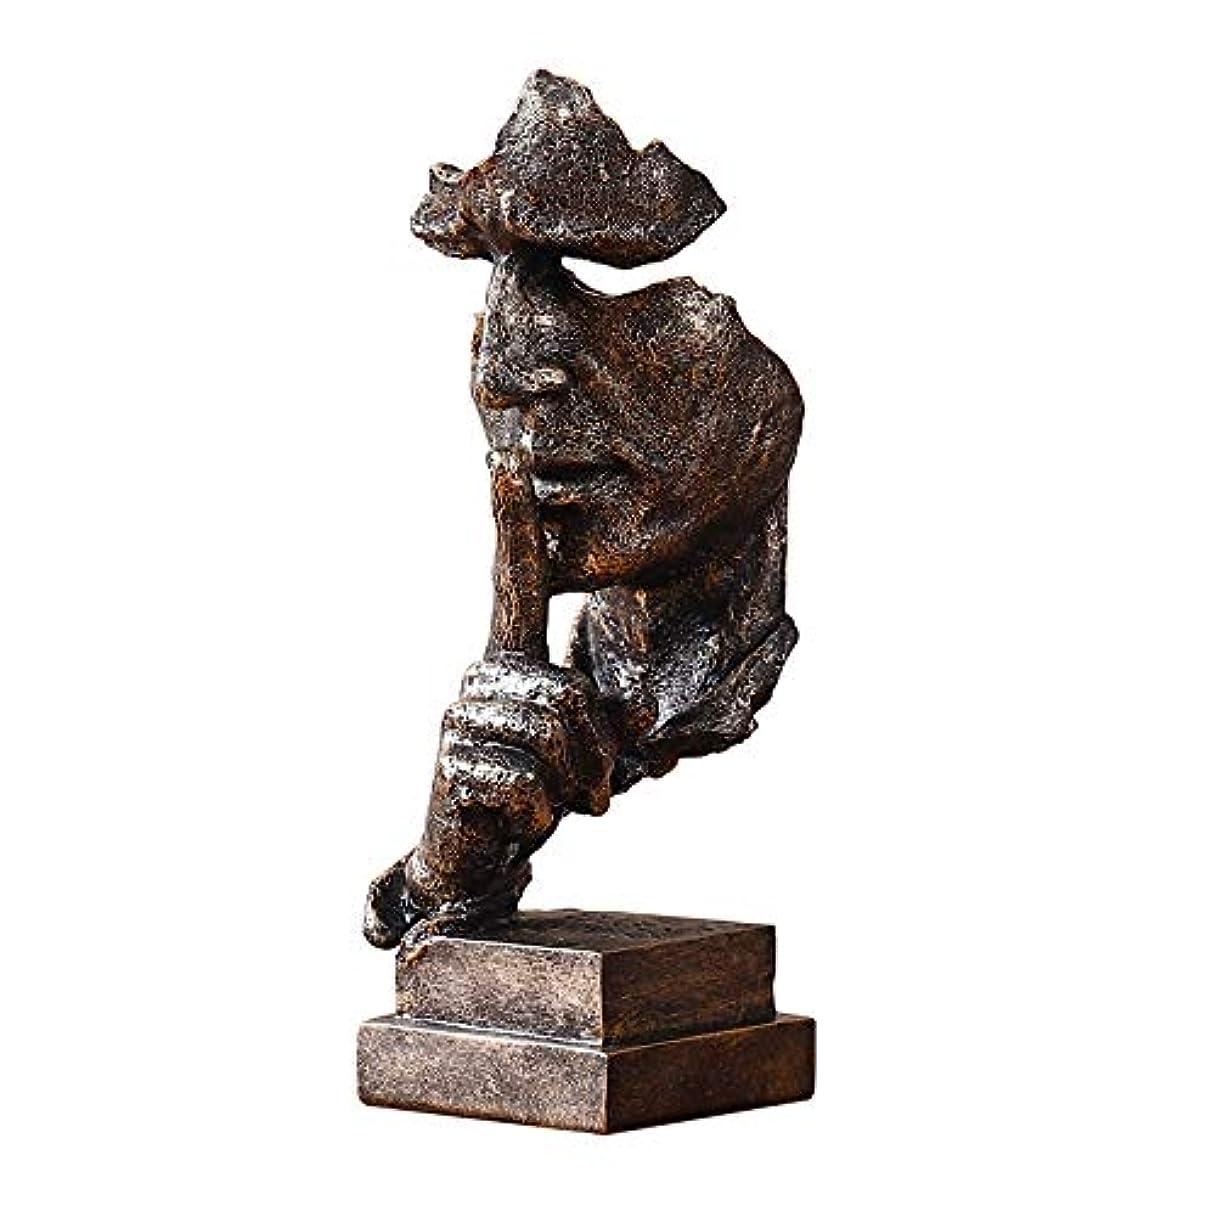 解読する針信仰樹脂抽象彫刻沈黙はゴールデン男性像キャラクター工芸品装飾用オフィスリビングルームアートワーク,Bronze